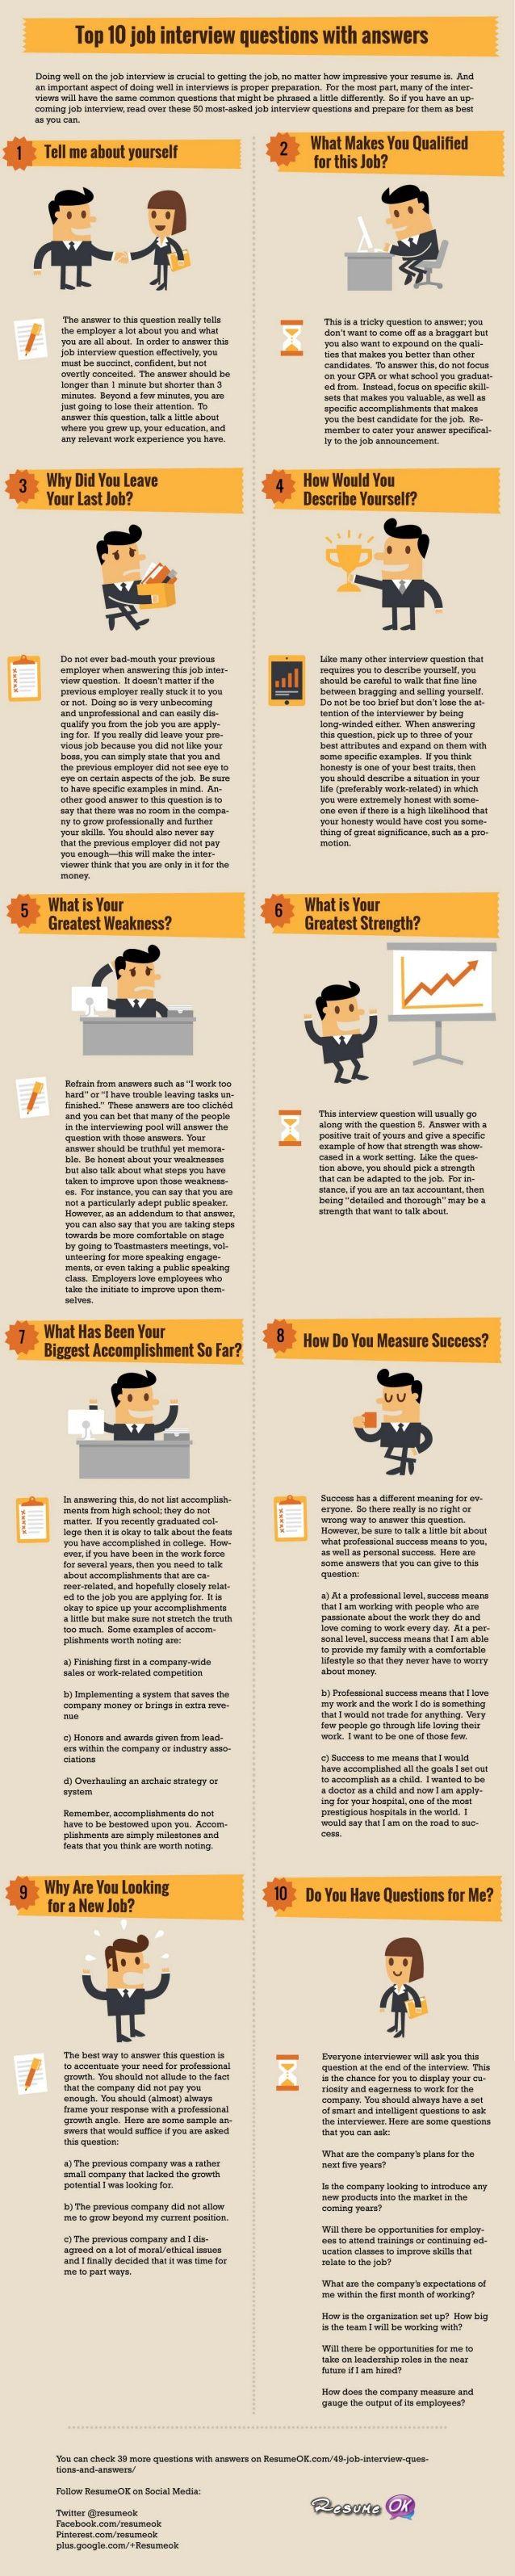 Top 10 preguntas en una entrevista trabajo y sus repuestas #infografia #infographic #empleo